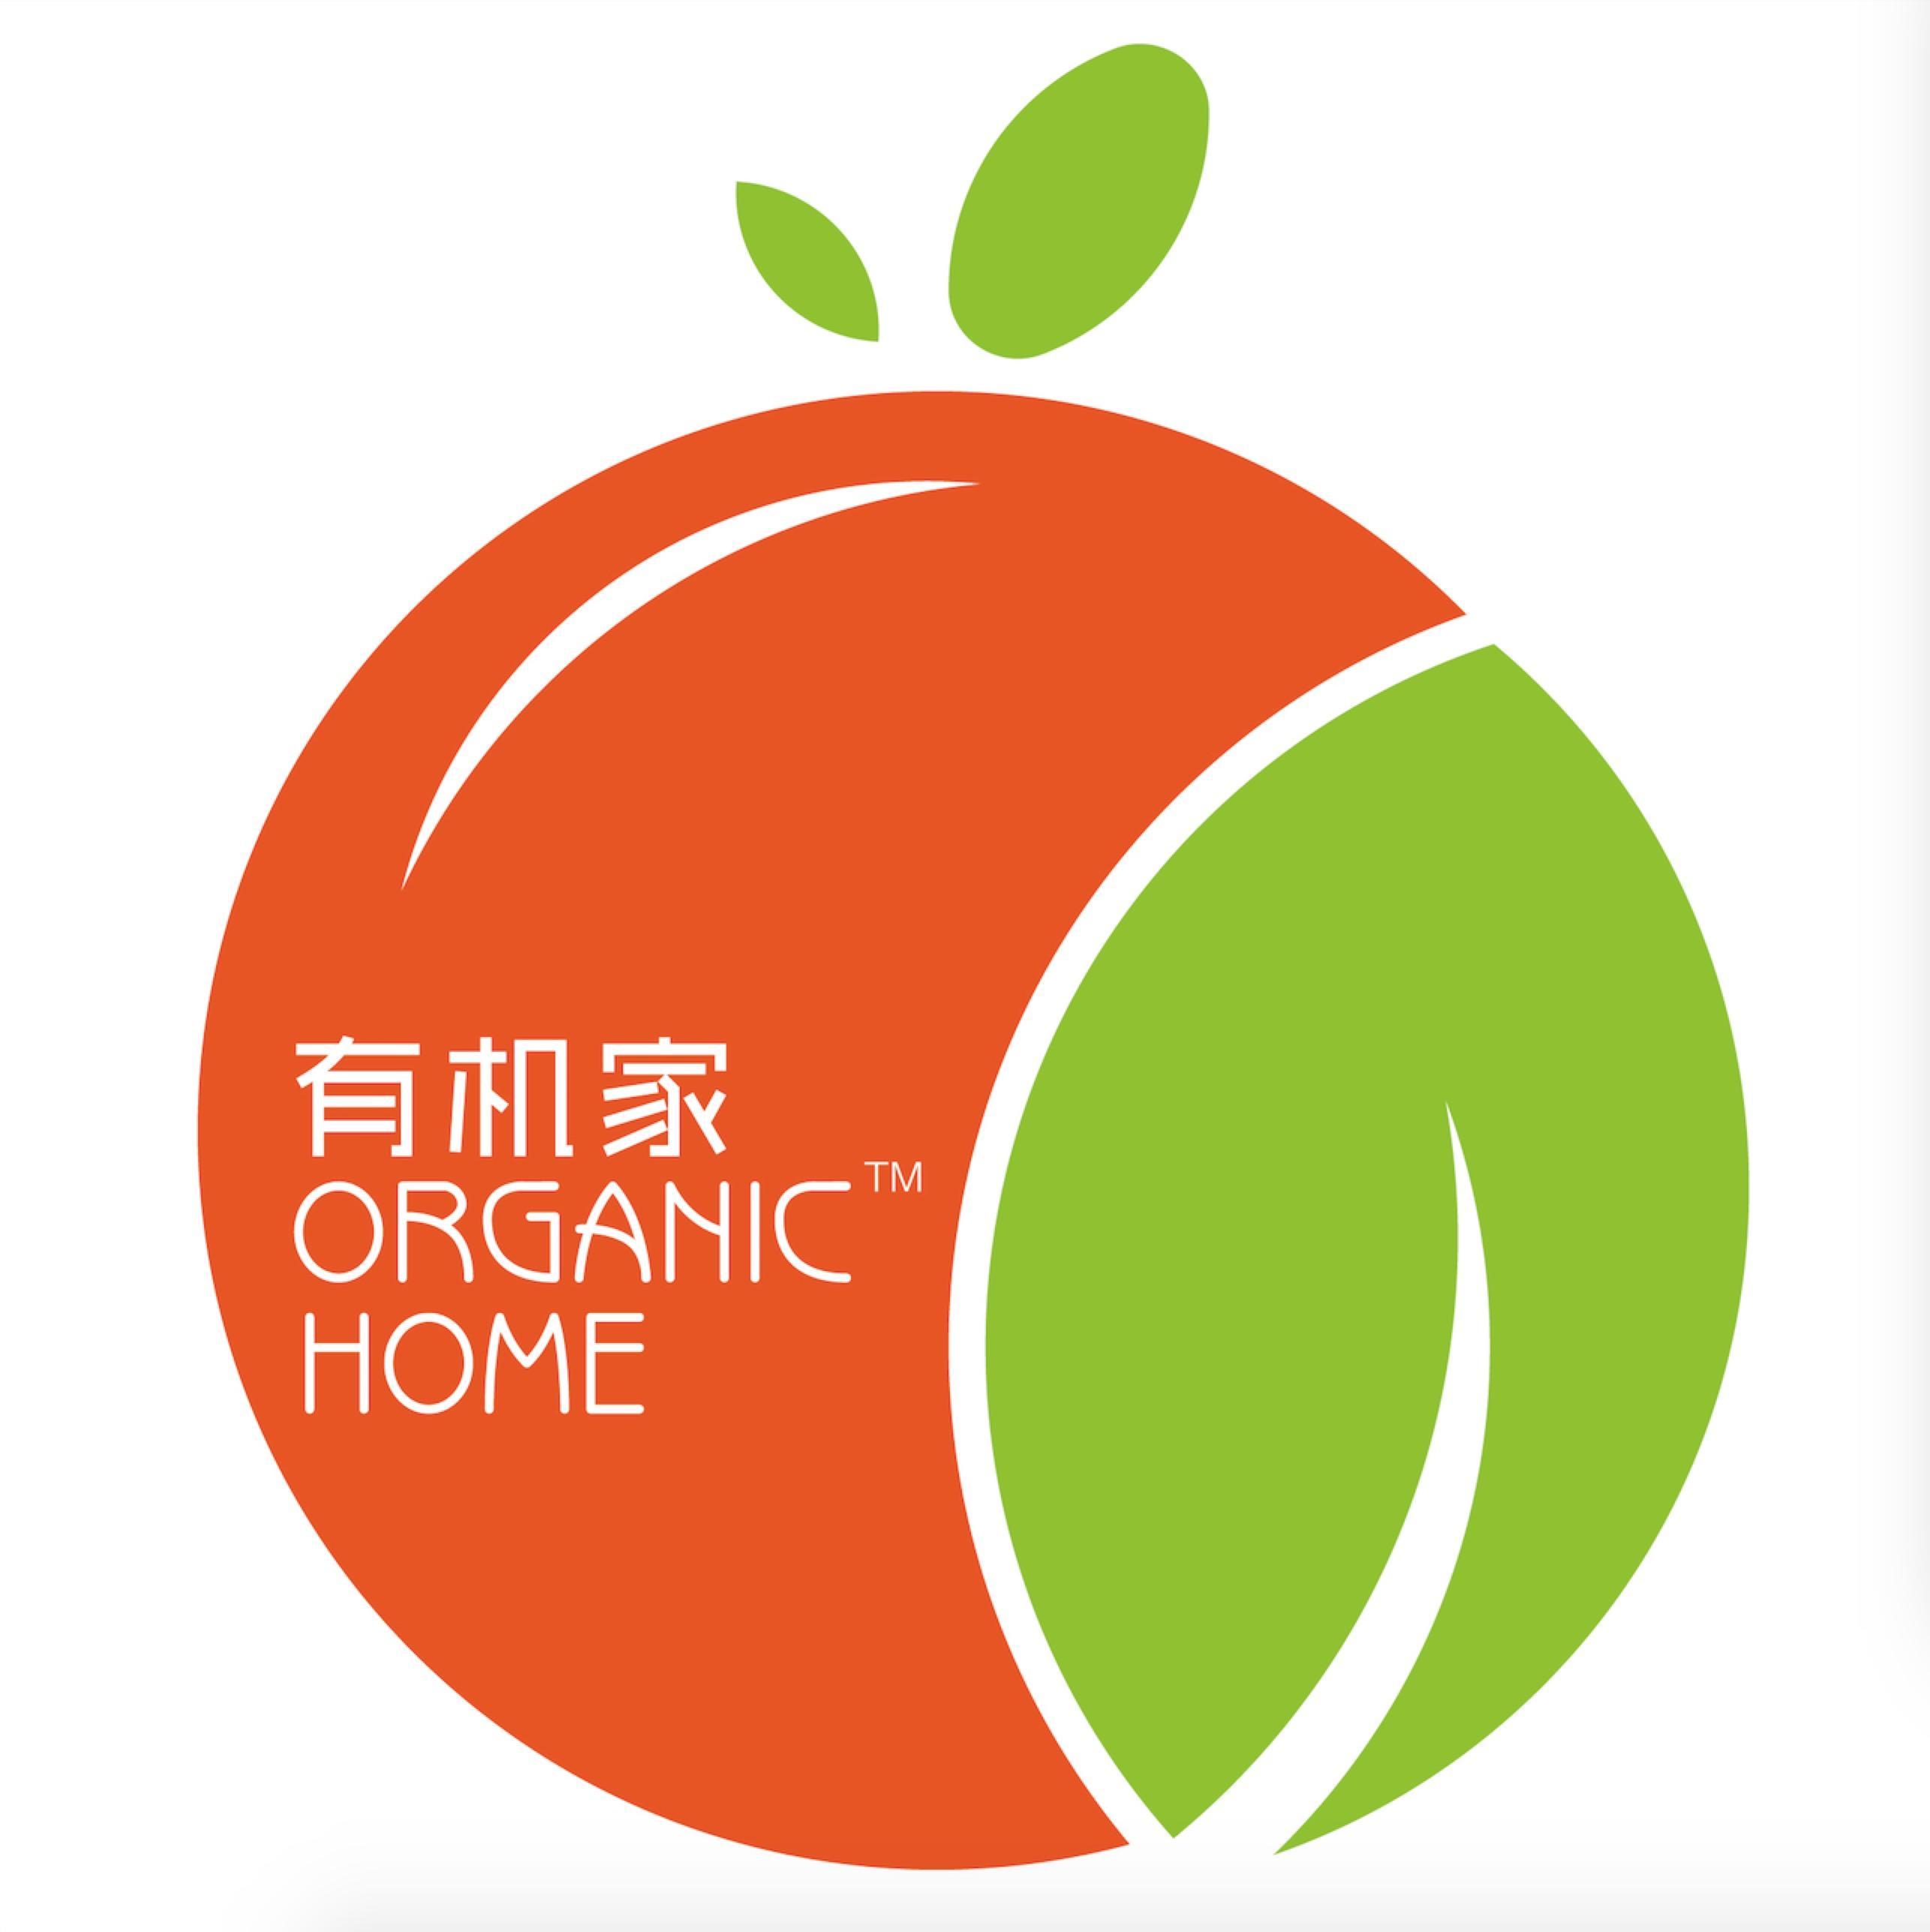 logo logo 标志 设计 矢量 矢量图 素材 图标 2572_2575